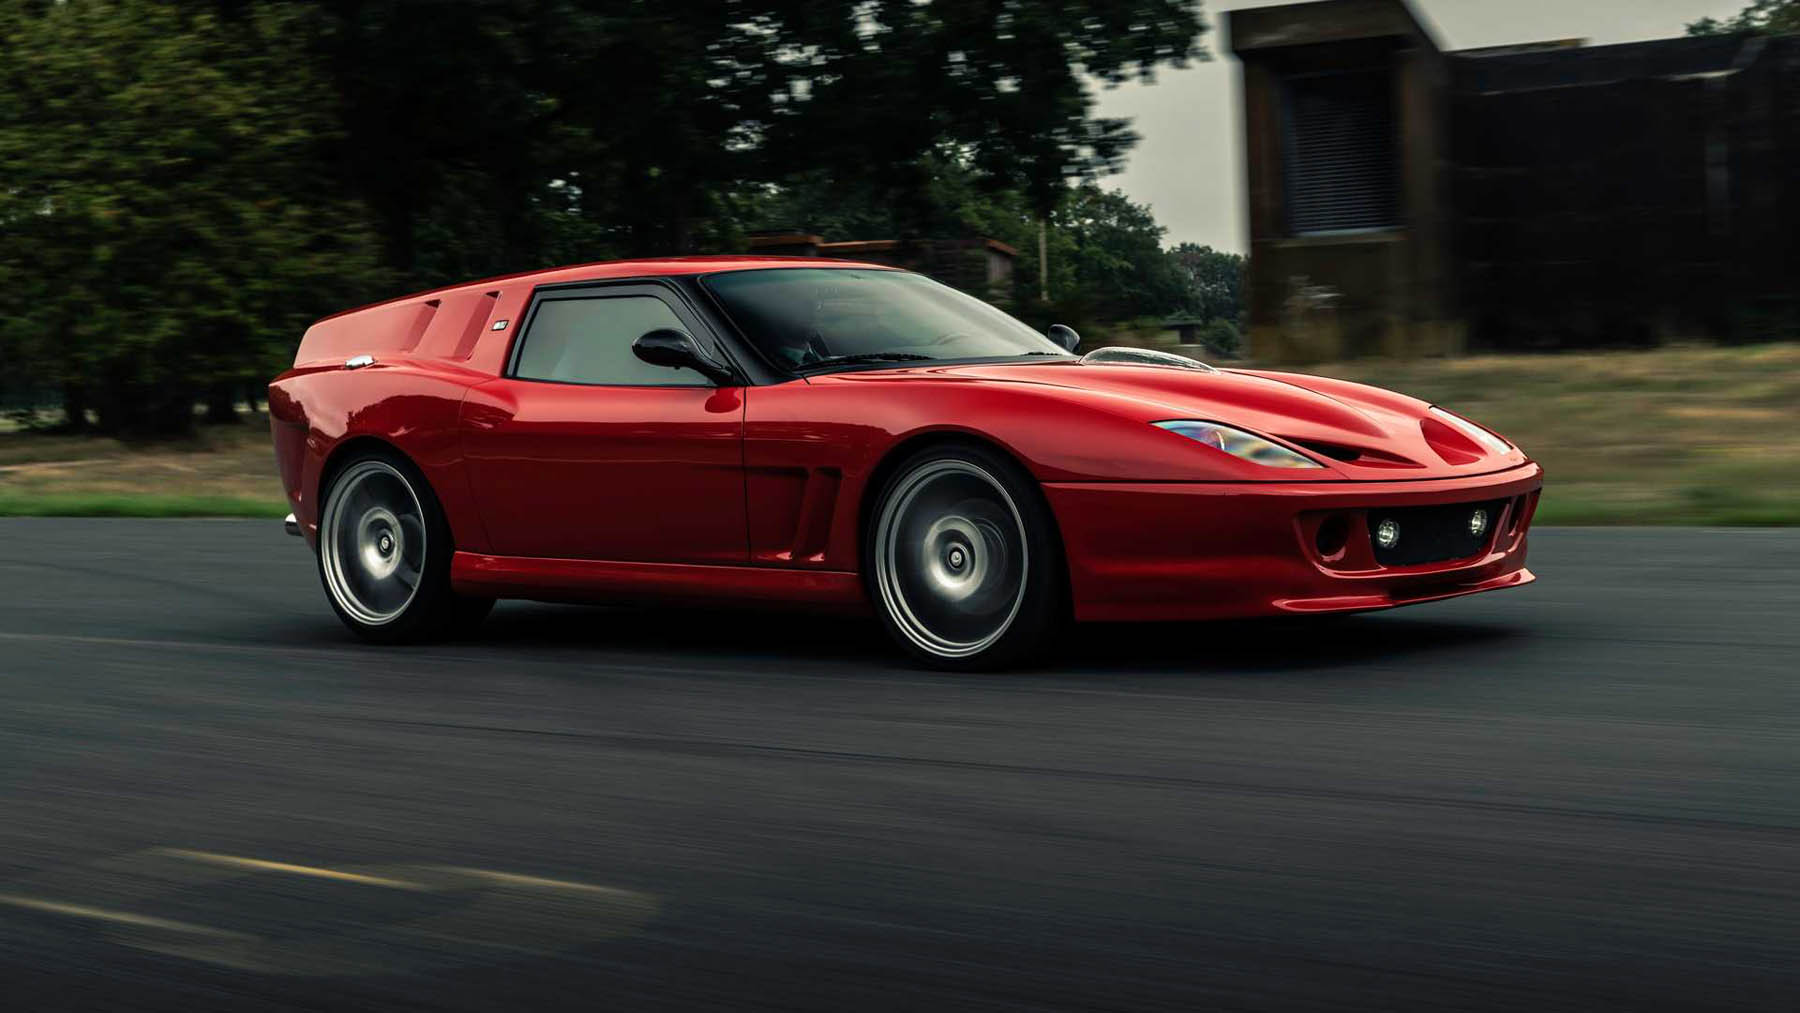 Η Ferrari Breadvan Hommage είναι ένα από τα πιο άσχημα αυτοκίνητα [vid]